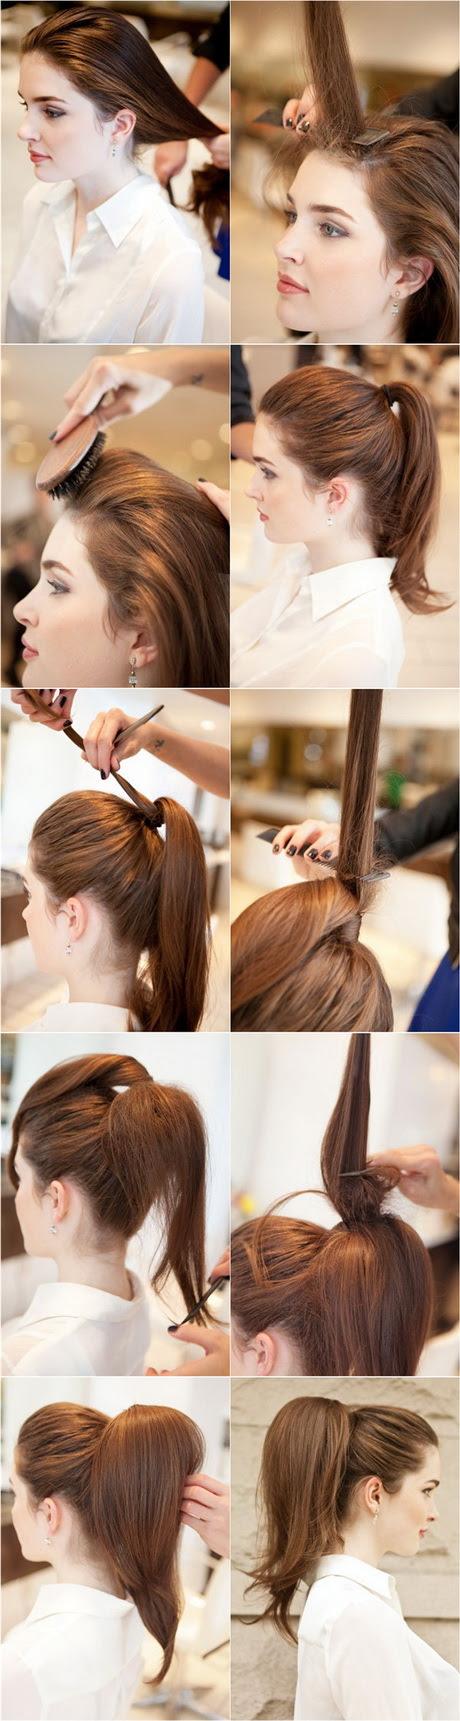 Coole Frisuren Zum Selbermachen Mit Anleitung